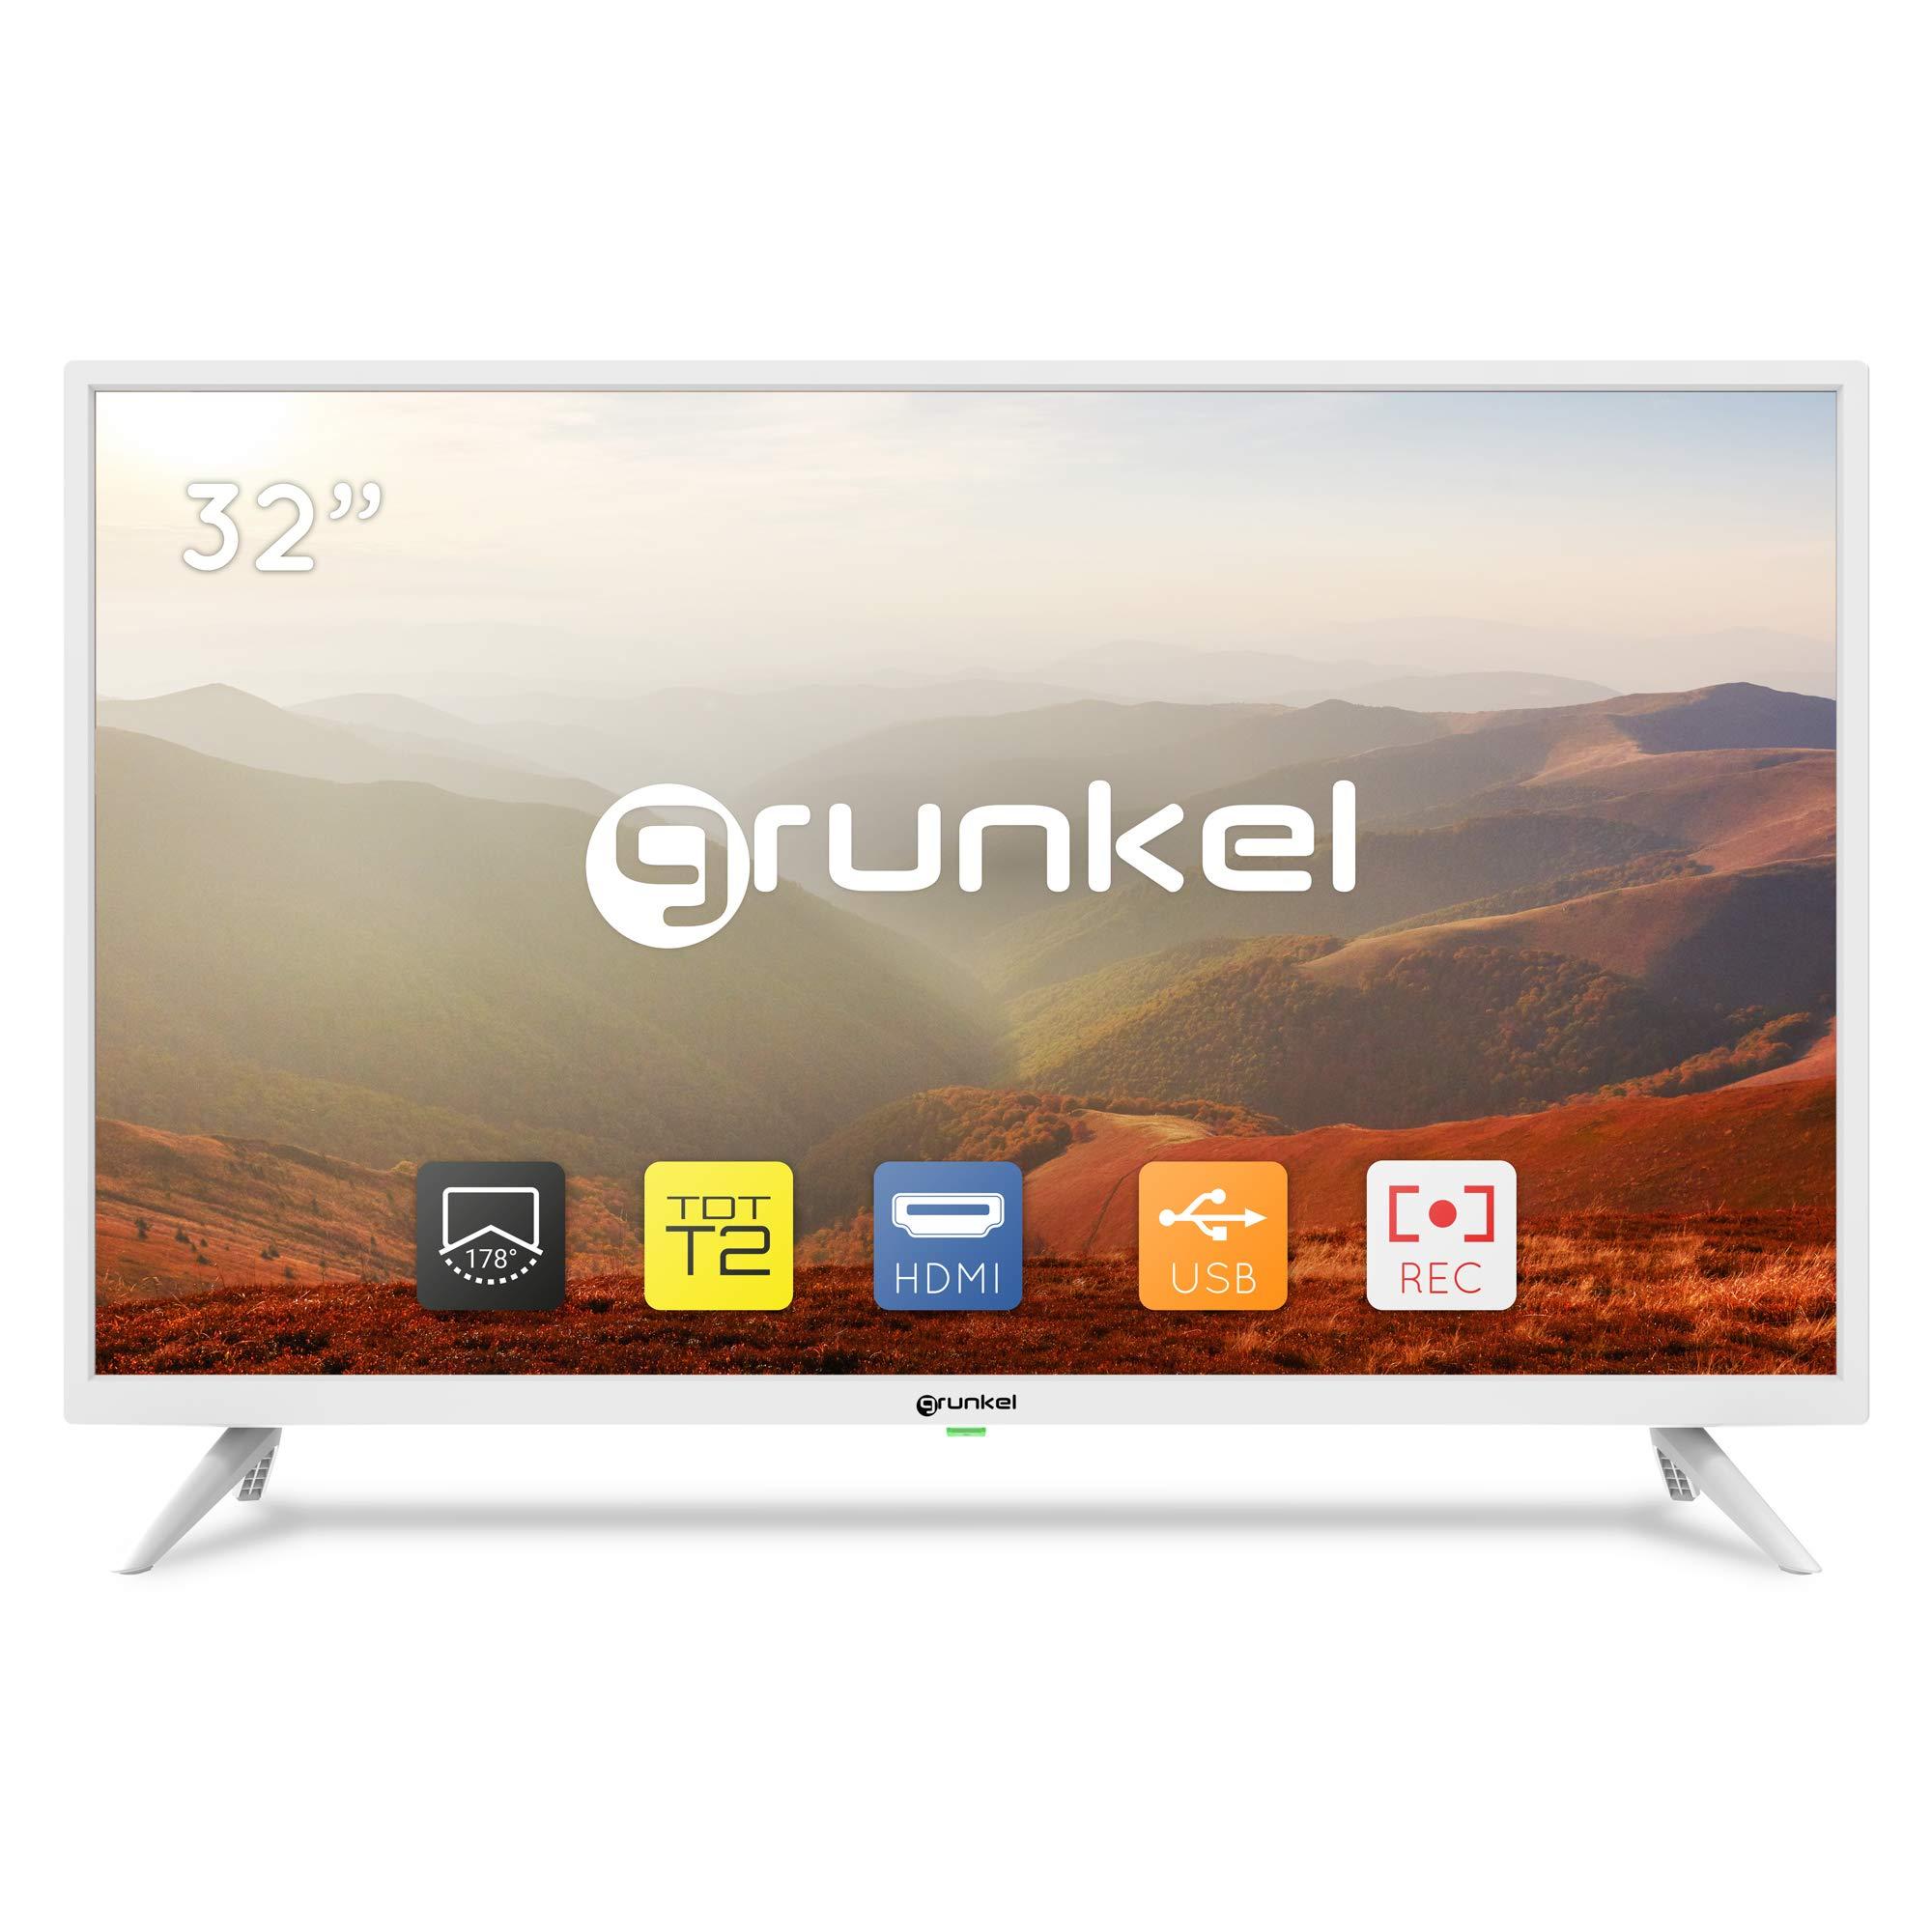 Grunkel - LED-3220BLANCO - Televisor LED HD Ready, Alta definición y Modo Hotel. Auto-apagado y Función Grabador - 32 Pulgadas